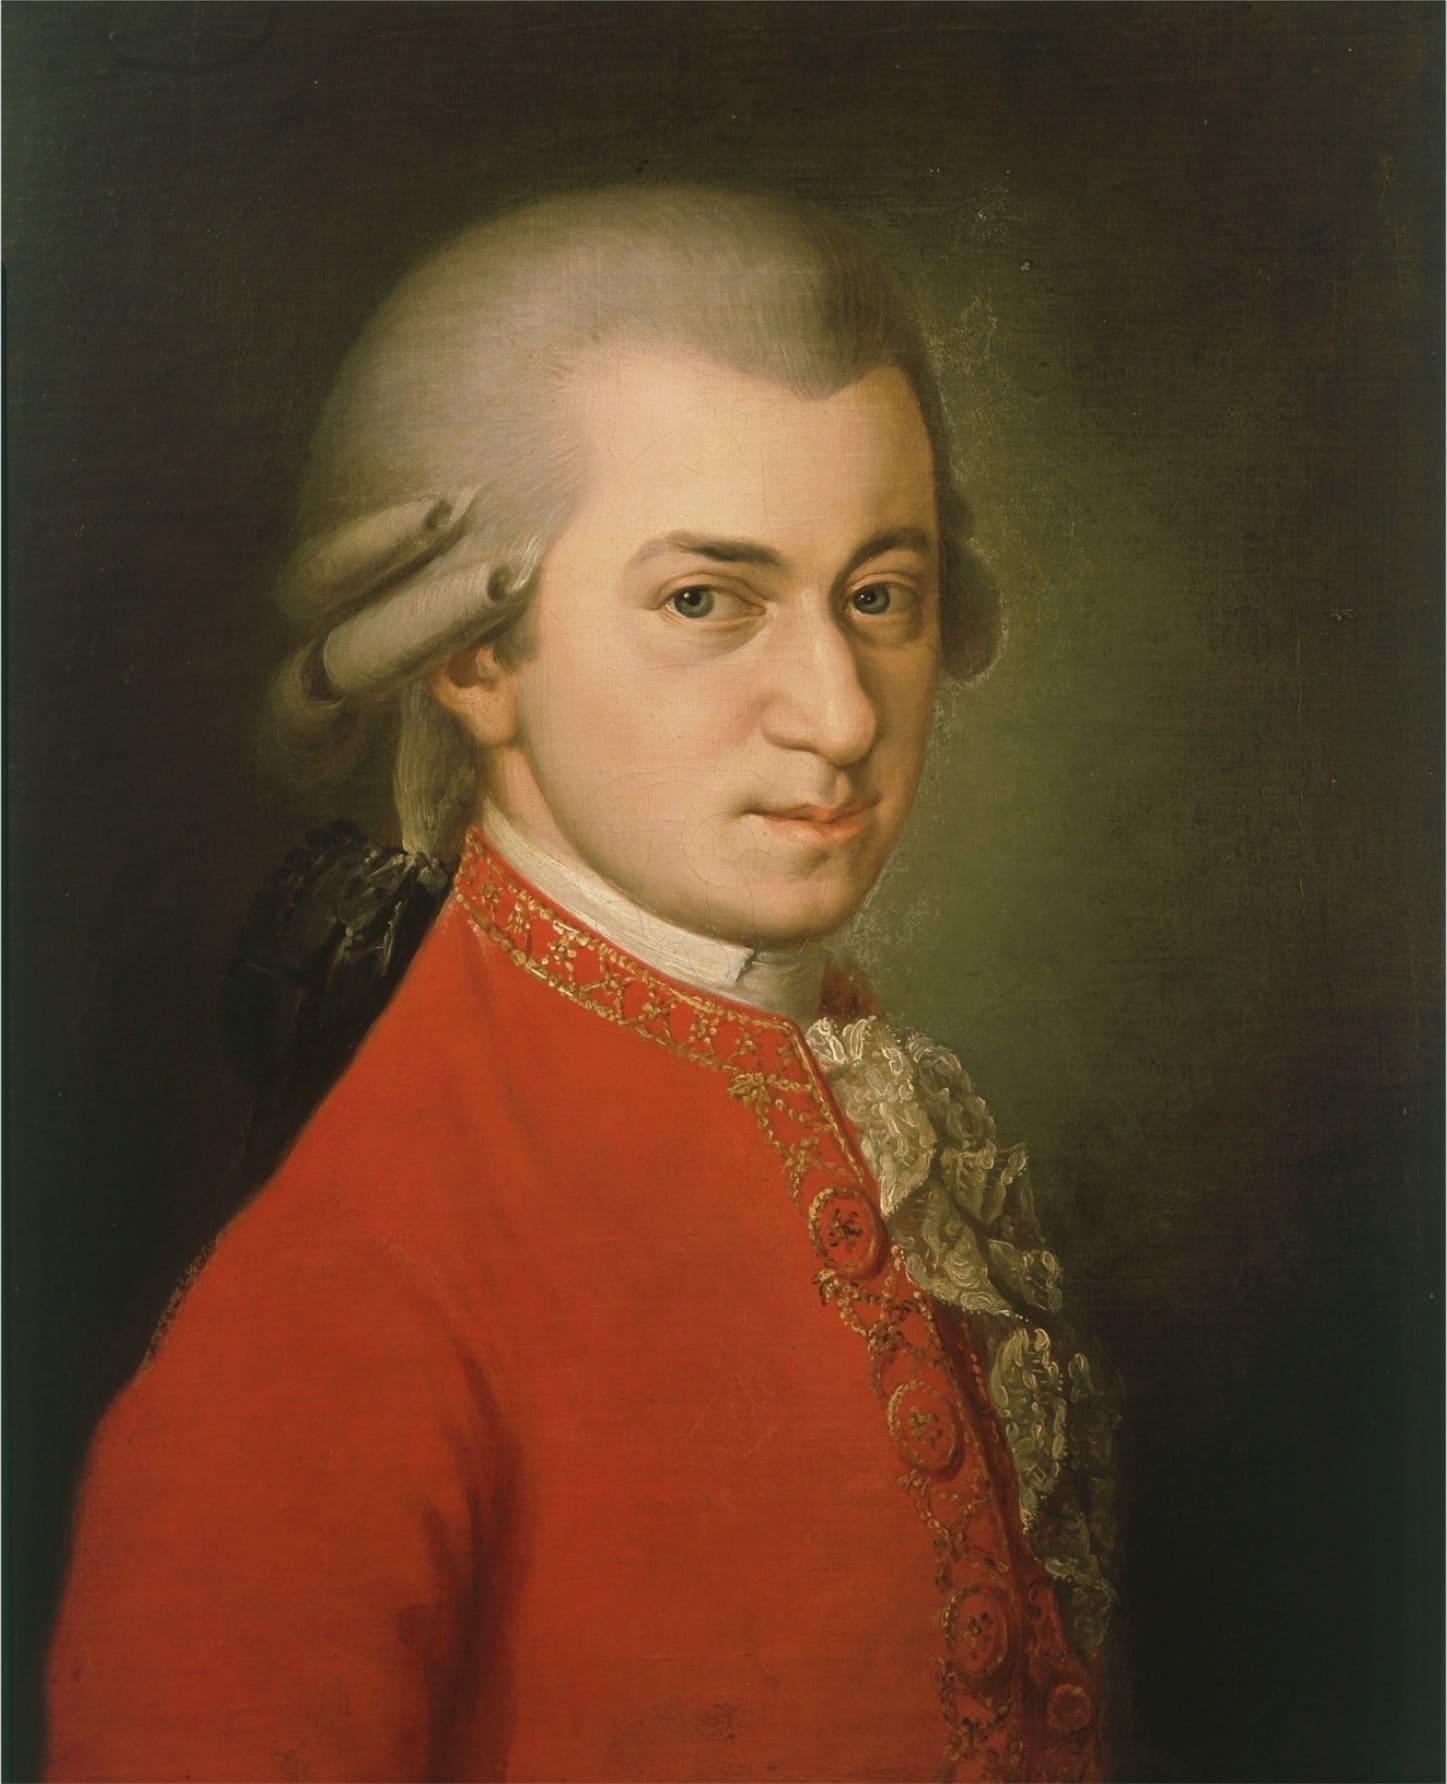 Mozart portrait veste rouge